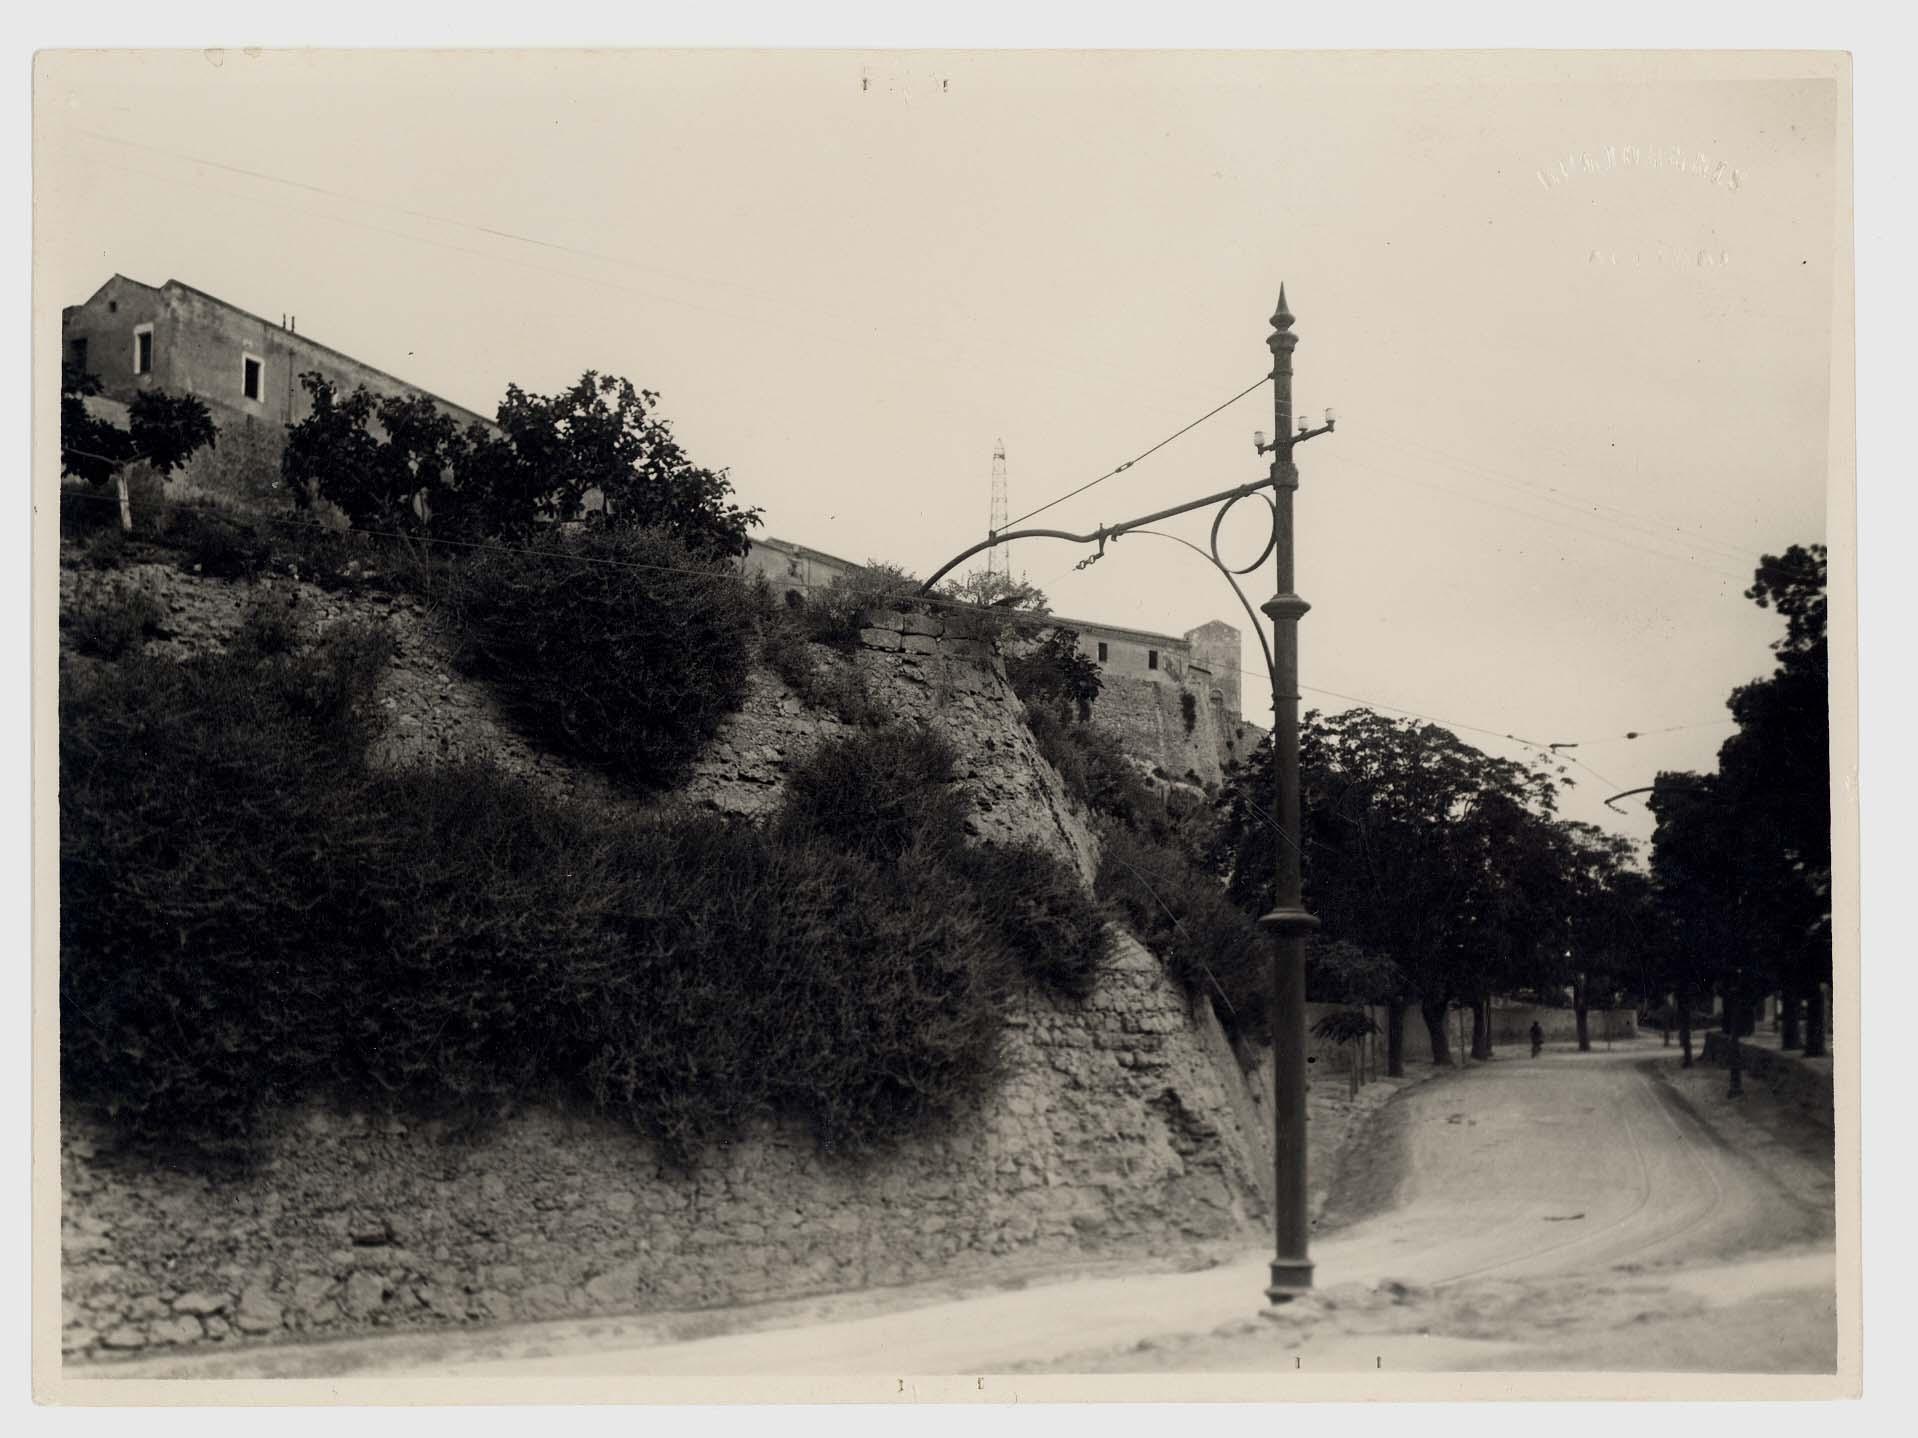 Archivio Comunale - 1930 - Topografia_jpg_foto 0014 2-3